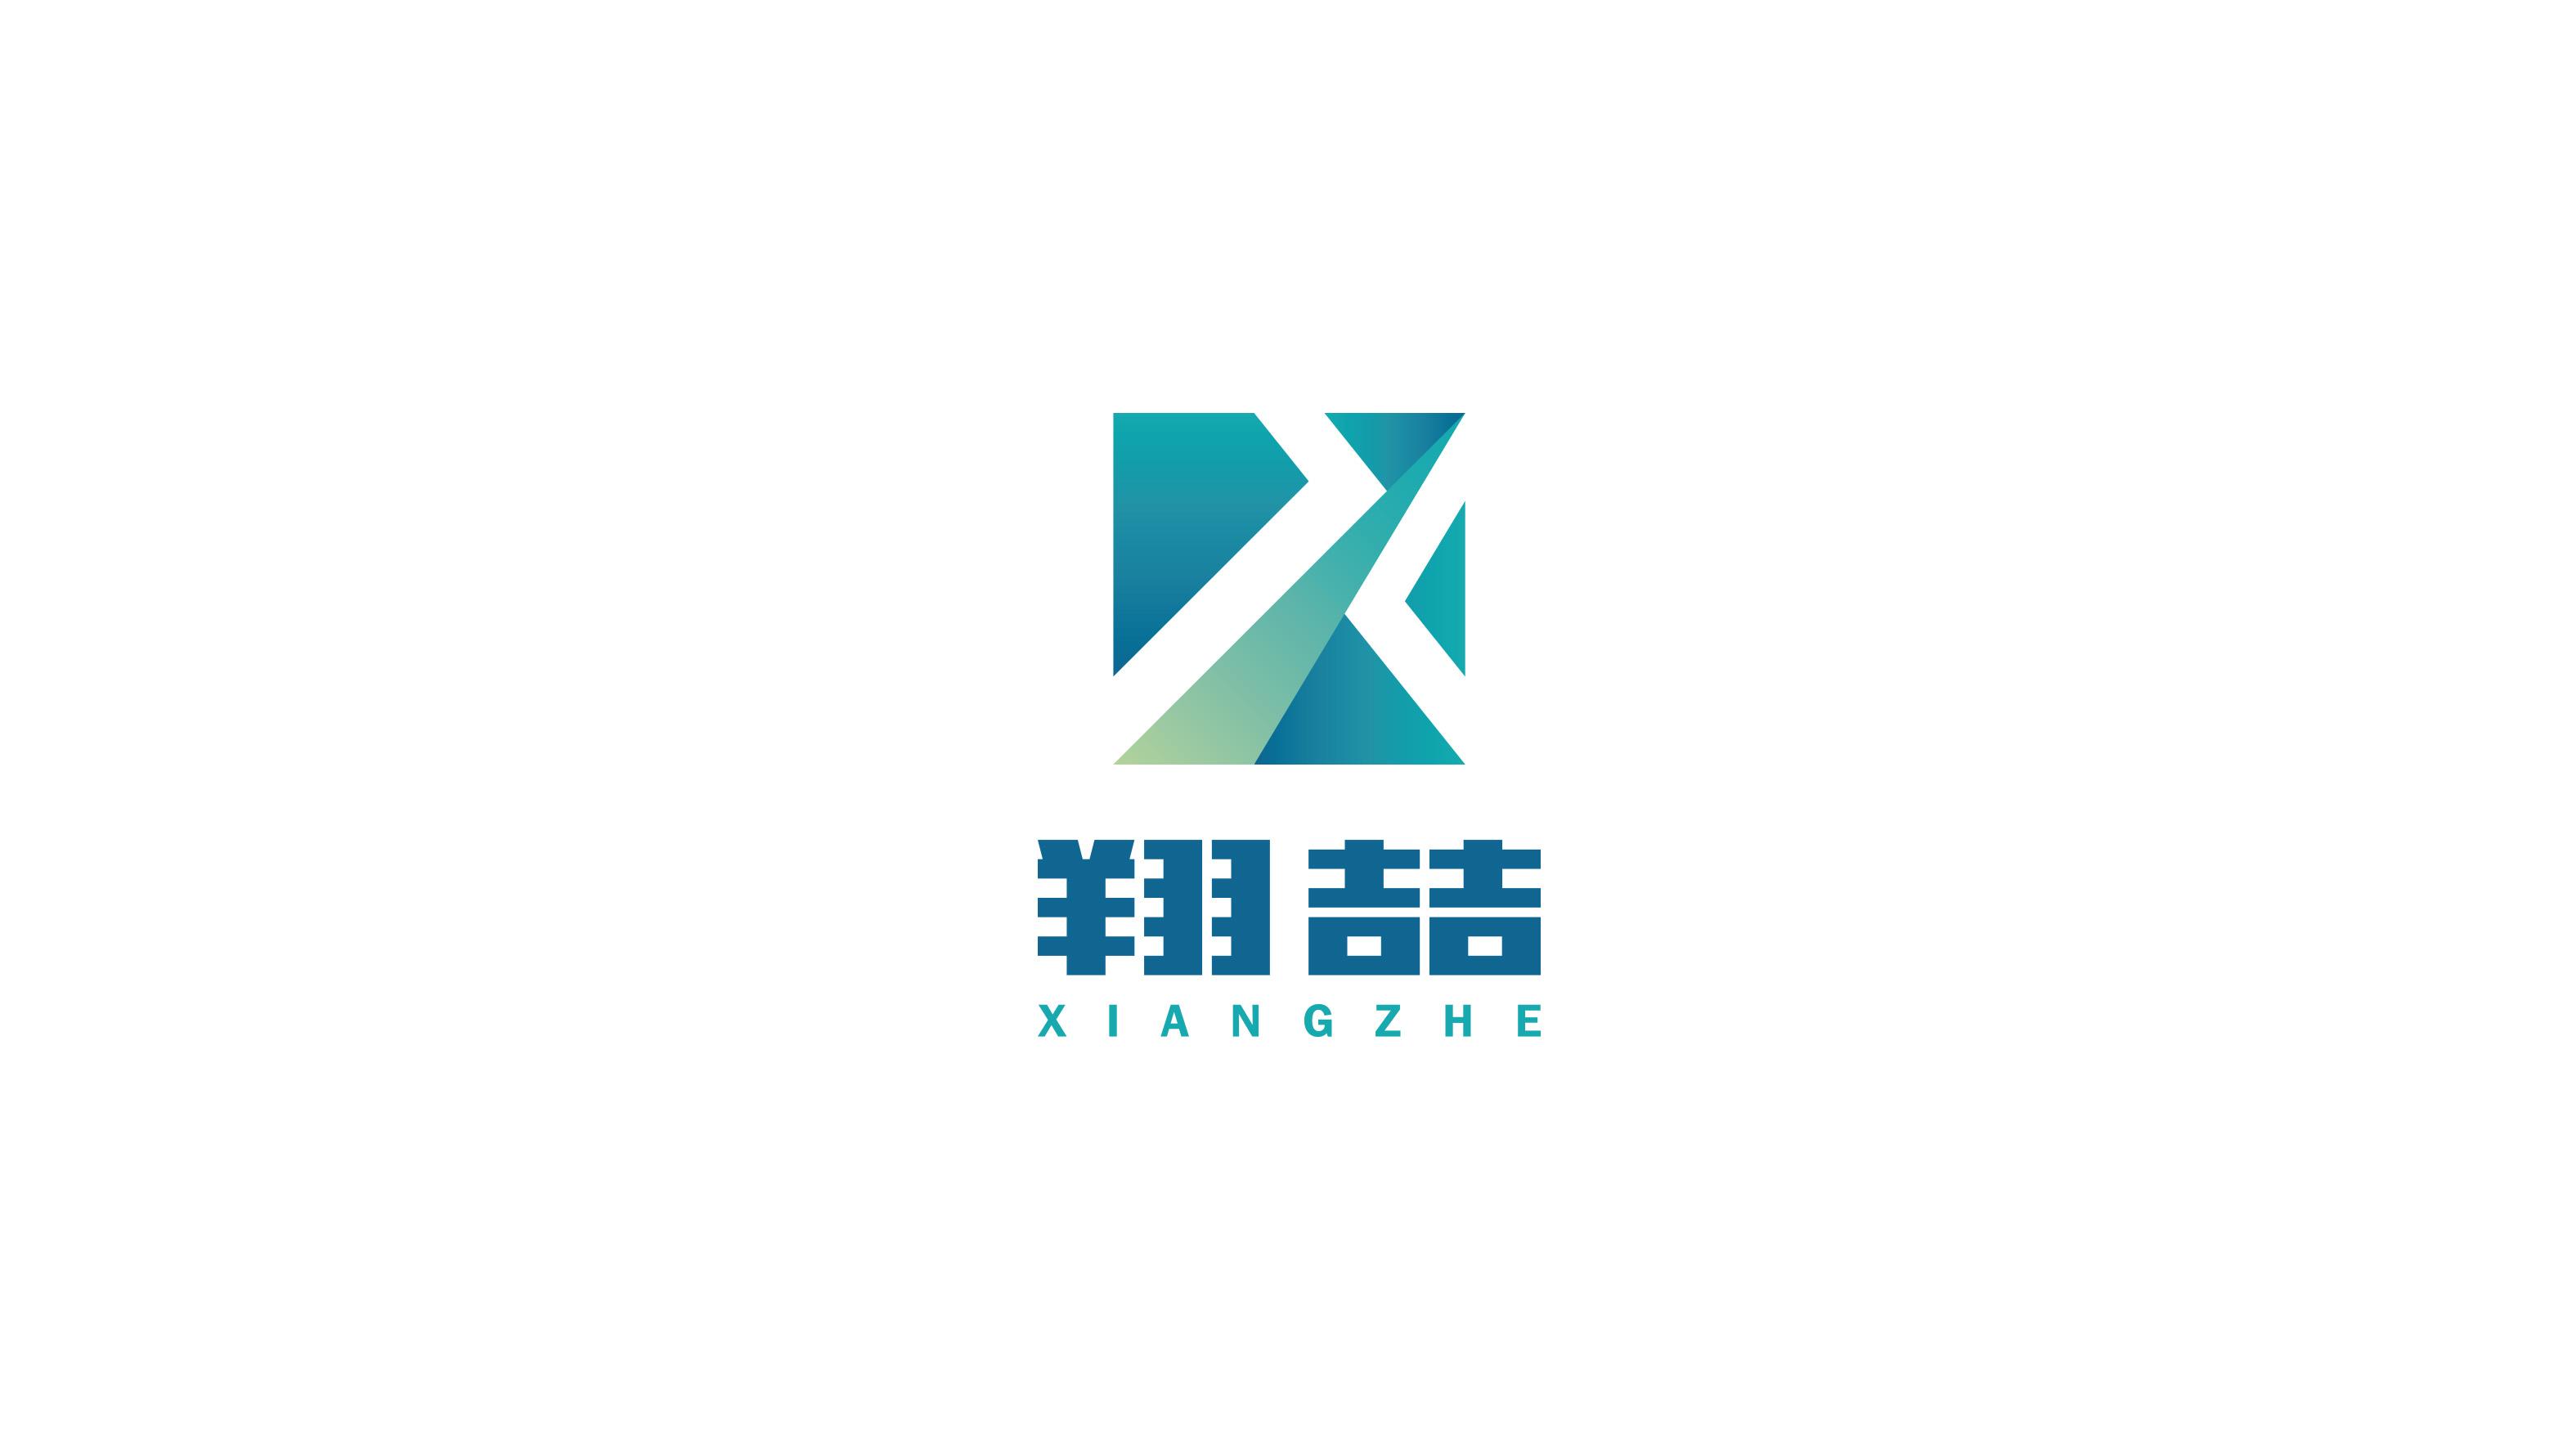 翔喆公司LOGO万博手机官网